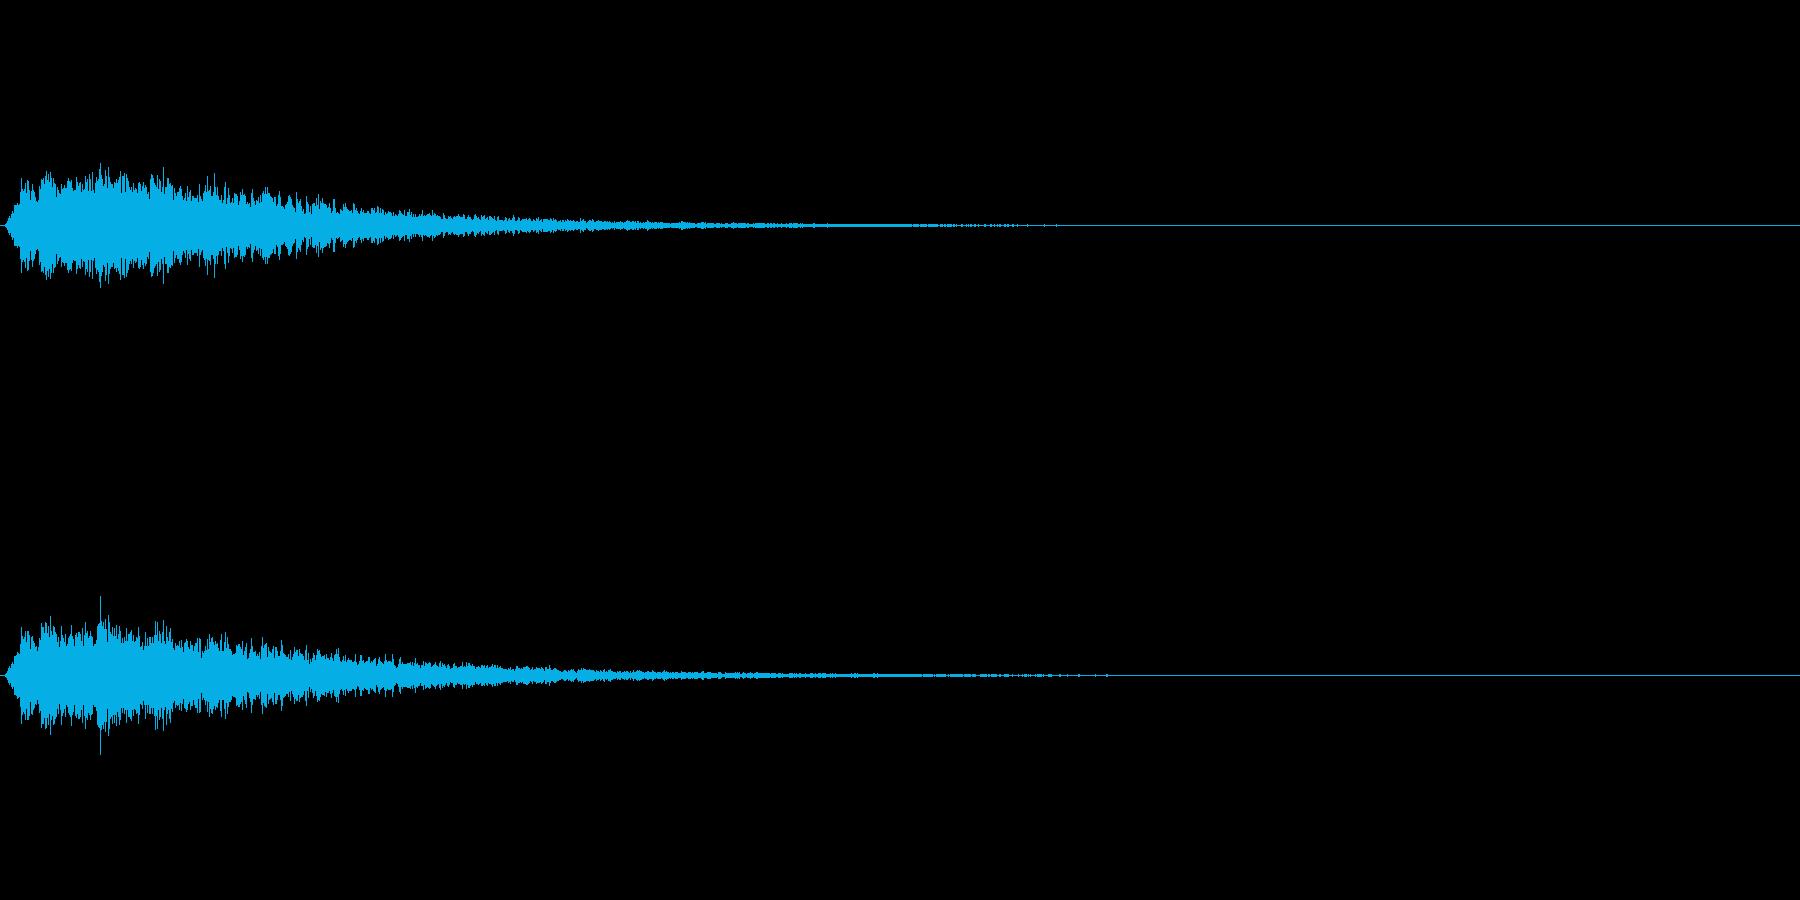 ベルツリー (シャンシャンシャンシャン…の再生済みの波形